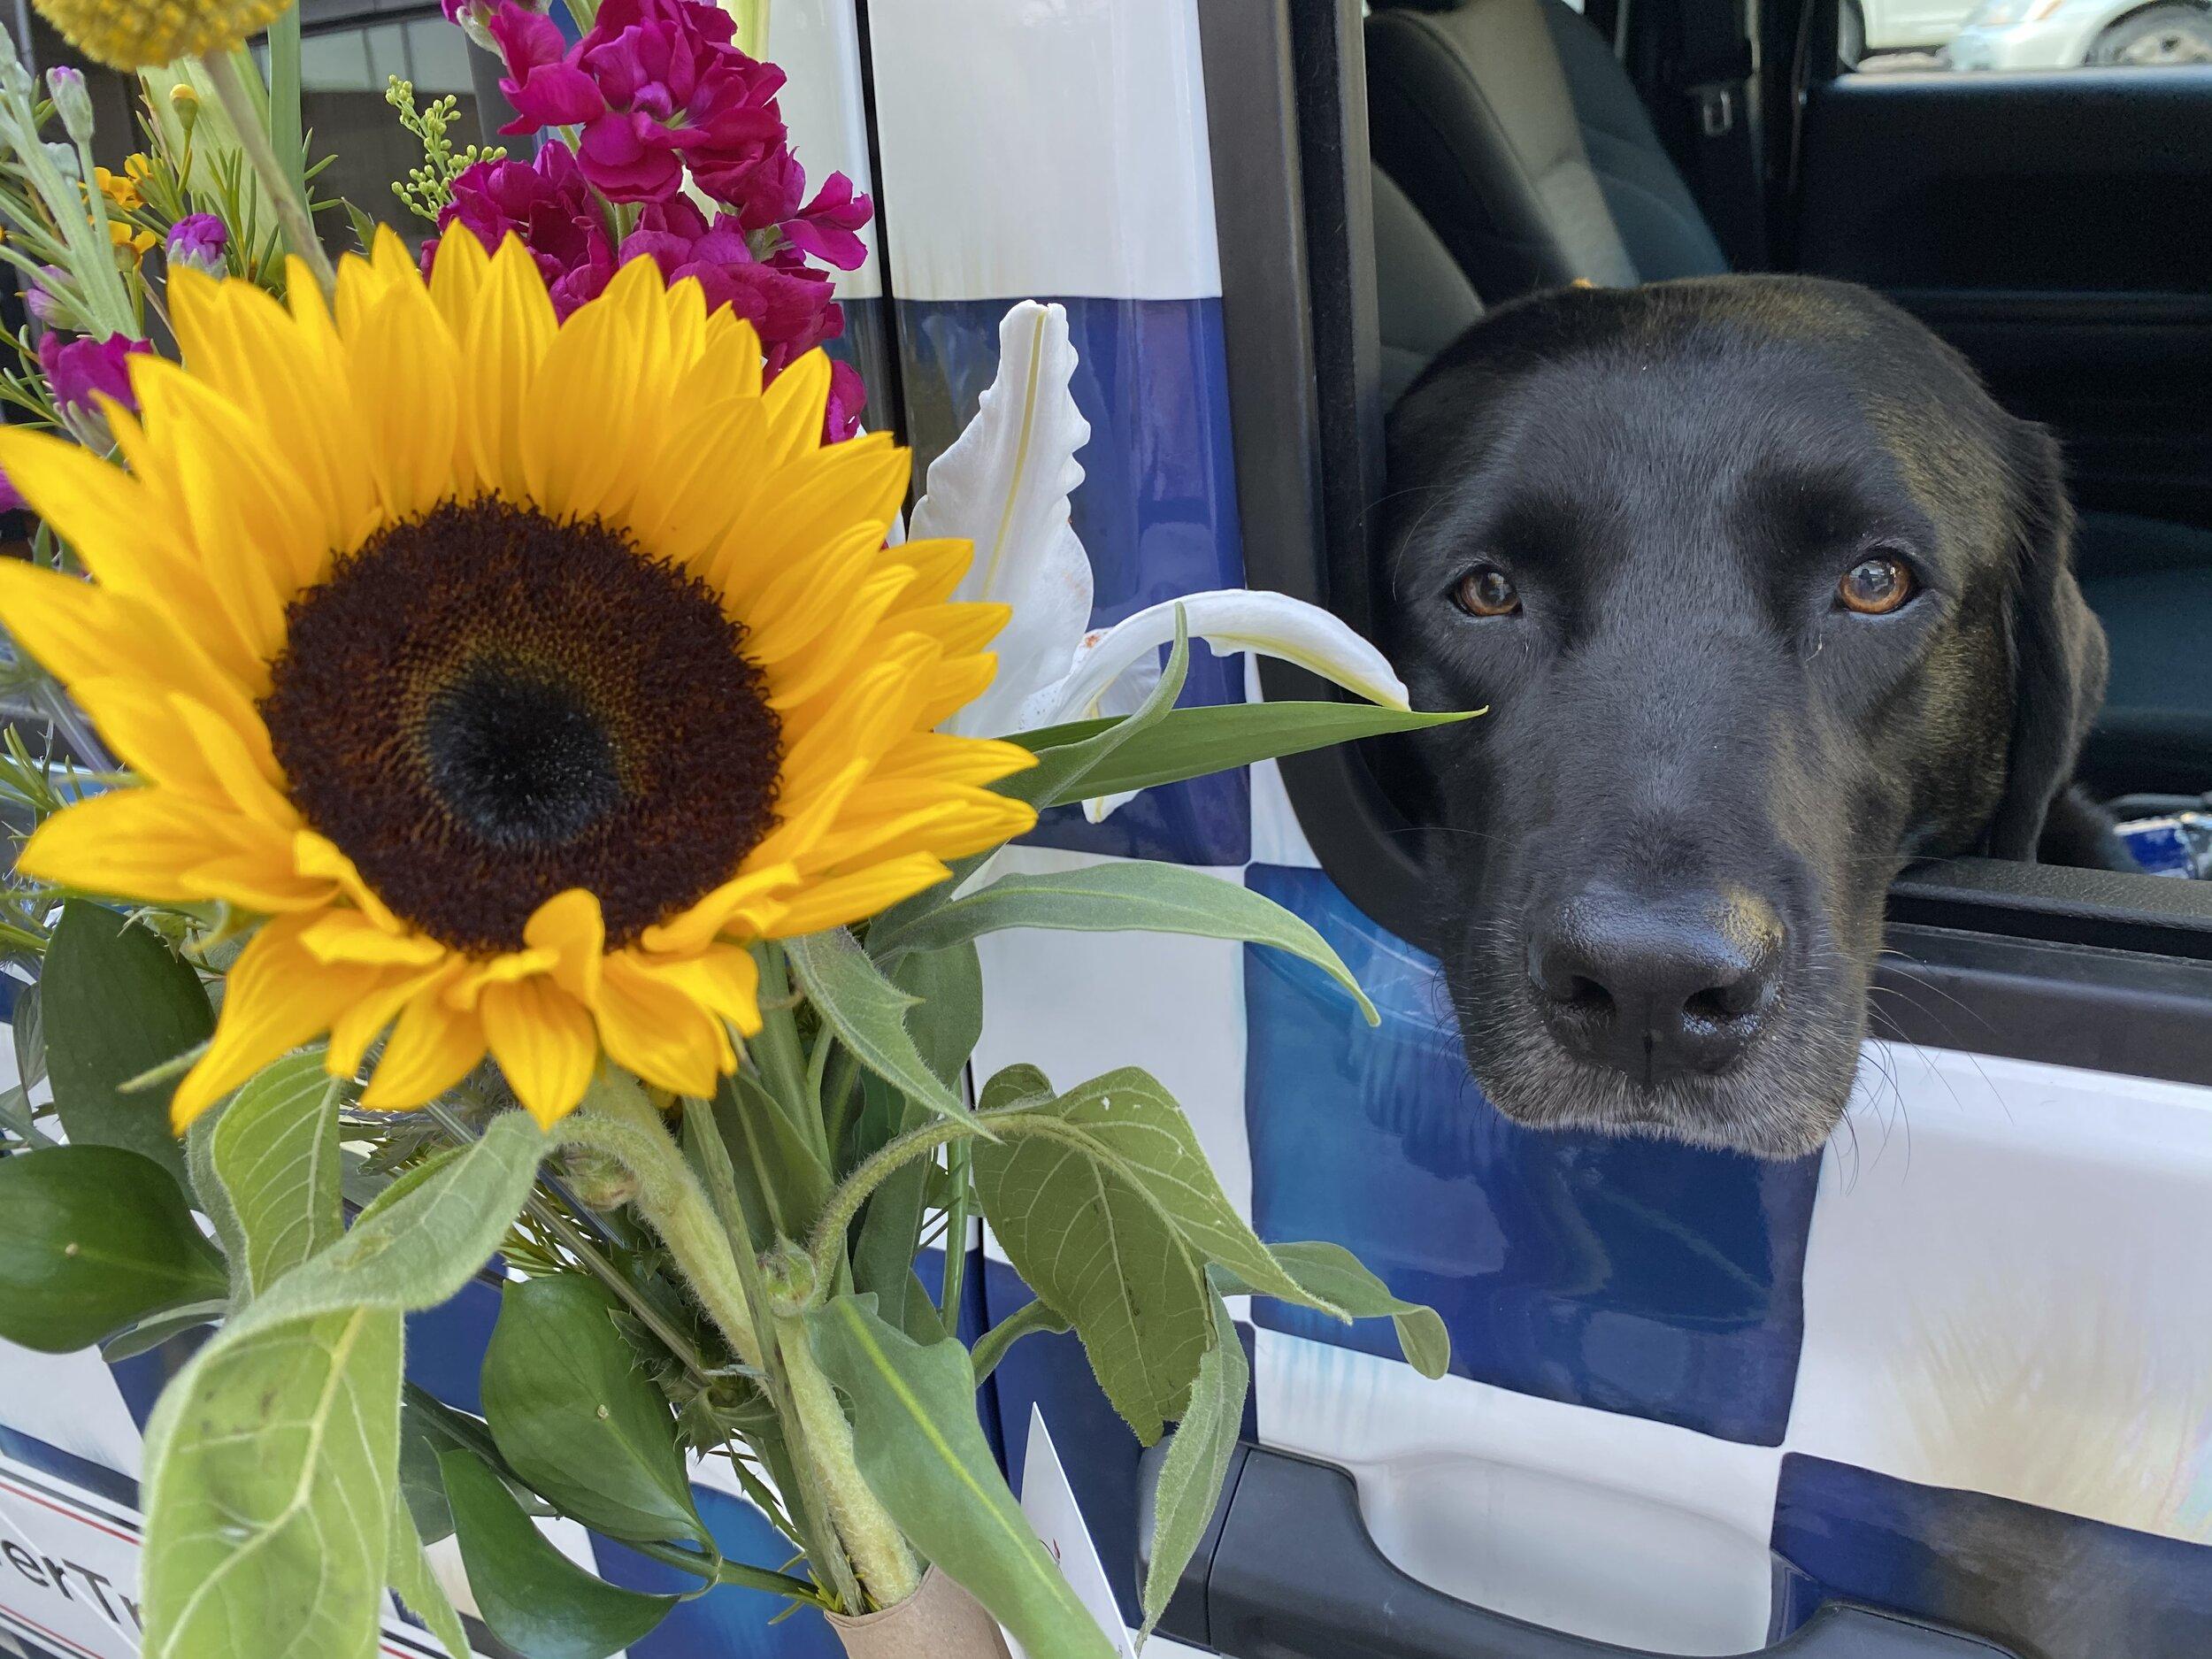 欢迎来到Lily 's -以我们的狗Lily和她最喜欢的花Lily命名的! 我们的目标是在华盛顿、马里兰、弗吉尼亚和其他地方亚慱足彩体育app. 亚慱足彩体育花车里装满了鲜花,你可以制作自己的花束! 我们为每个人服务, 尤其是那些希望为自己的生活增添一抹自然美的人.亚慱足彩体育app喜欢传播快乐,同时支持她的四条腿的朋友们. 我们的一部分利润捐给了当地的动物收容所. 留意亚慱足彩体育app那条狗和她的蓝格子吉普车!